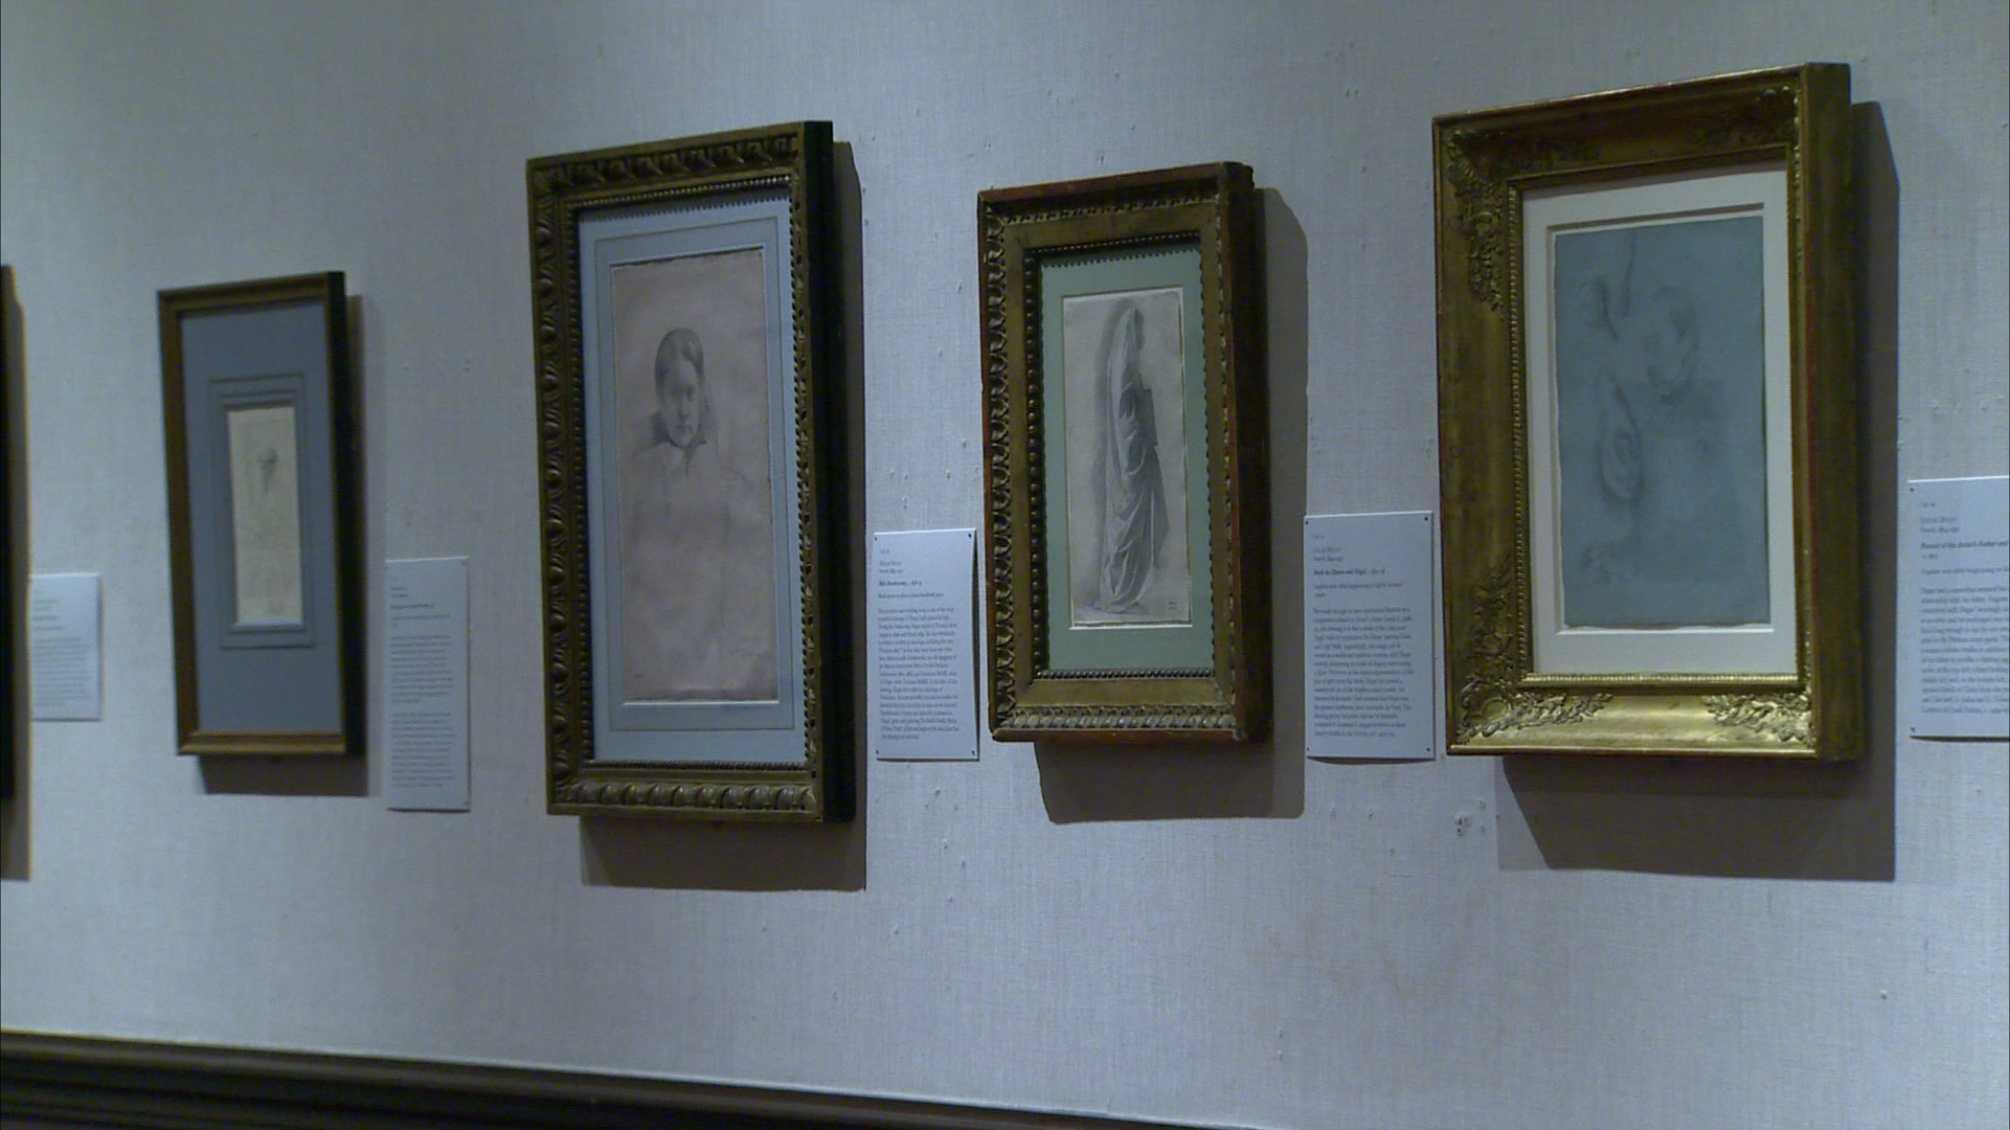 Degas works